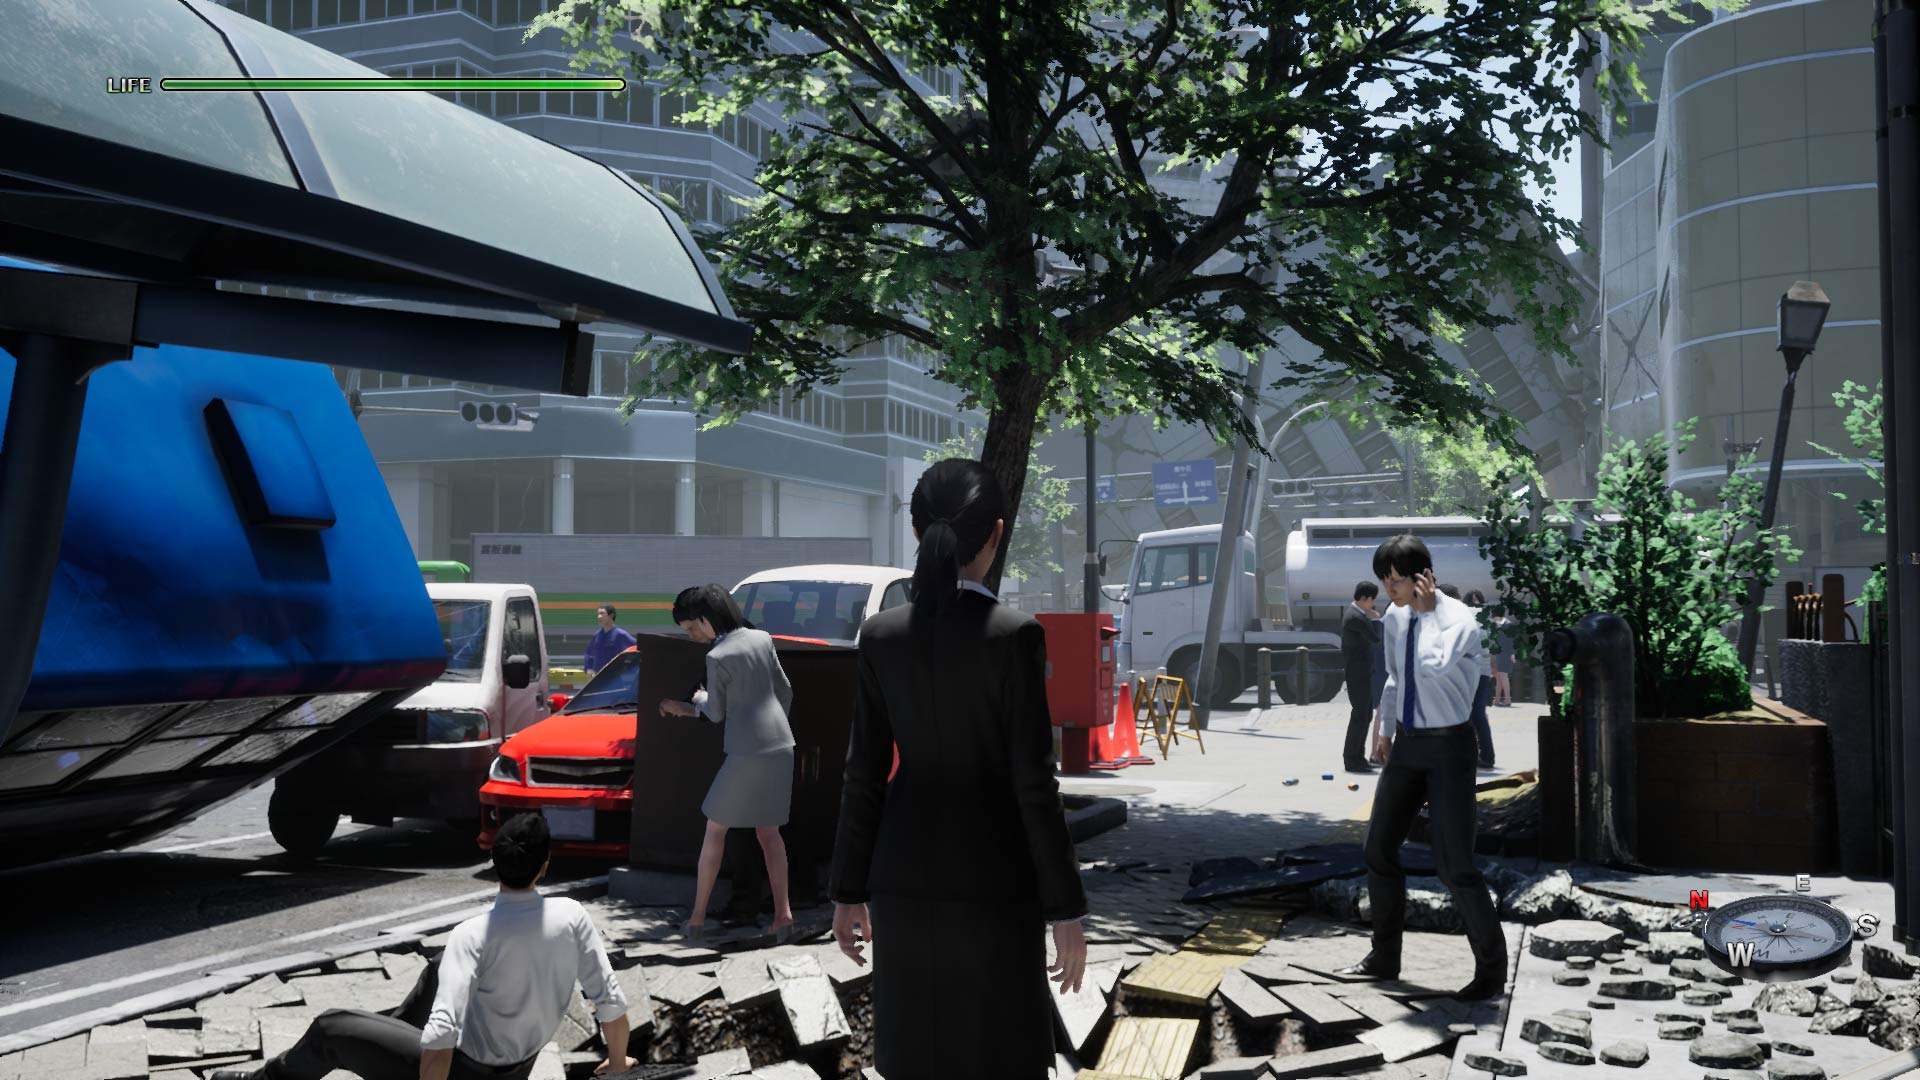 绝体绝命都市3汉化_《绝体绝命都市4Plus》中文版确定4月9日登陆Switch_3DM单机